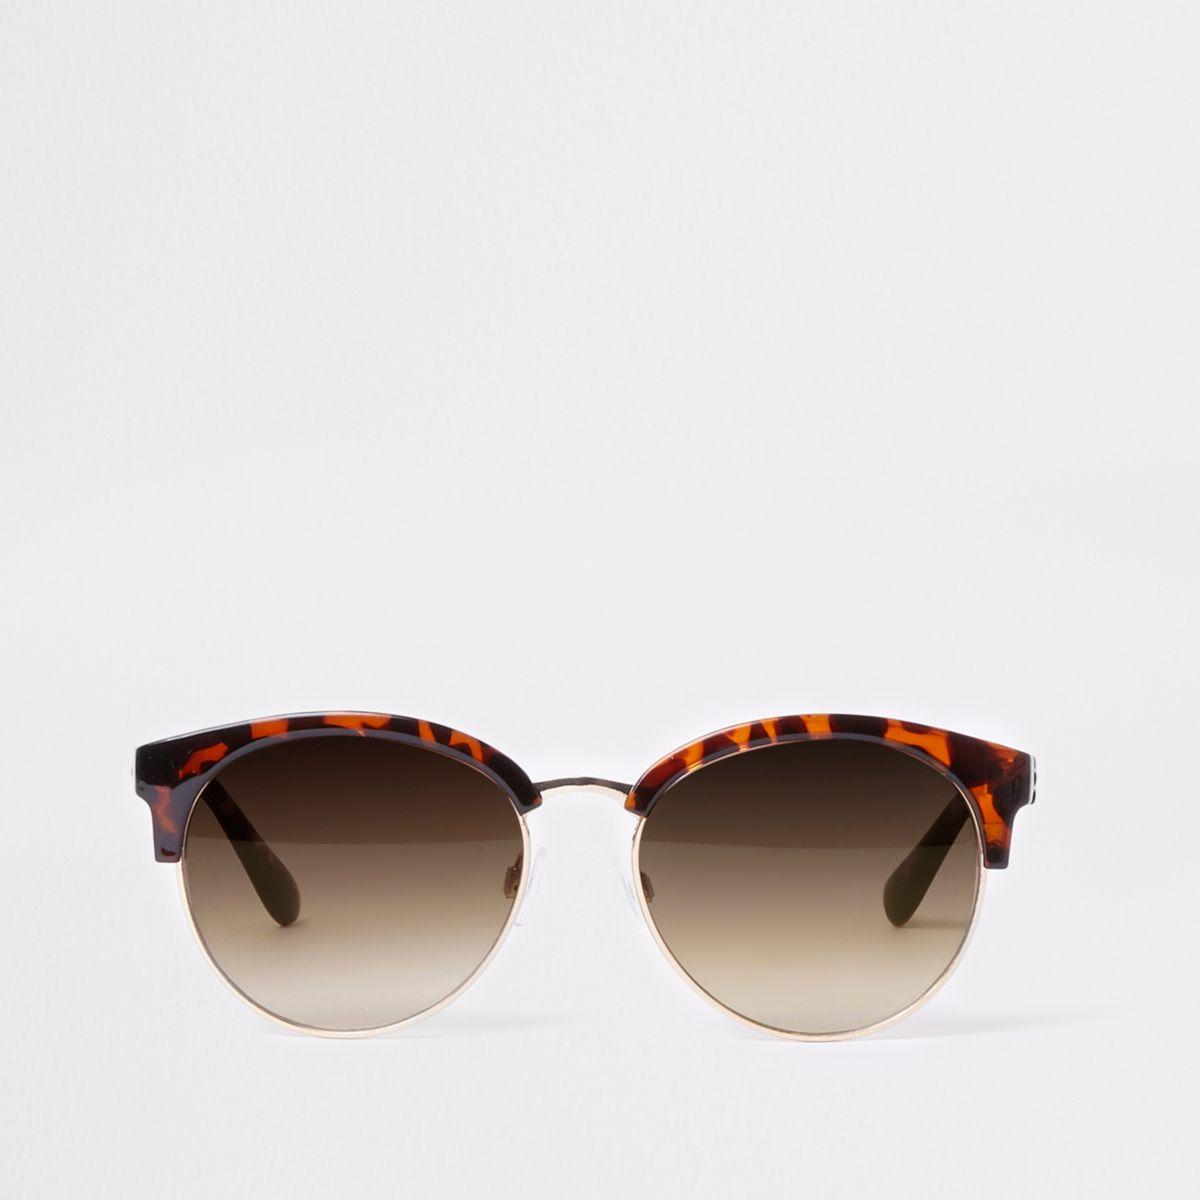 Brown tortoiseshell frame sunglasses